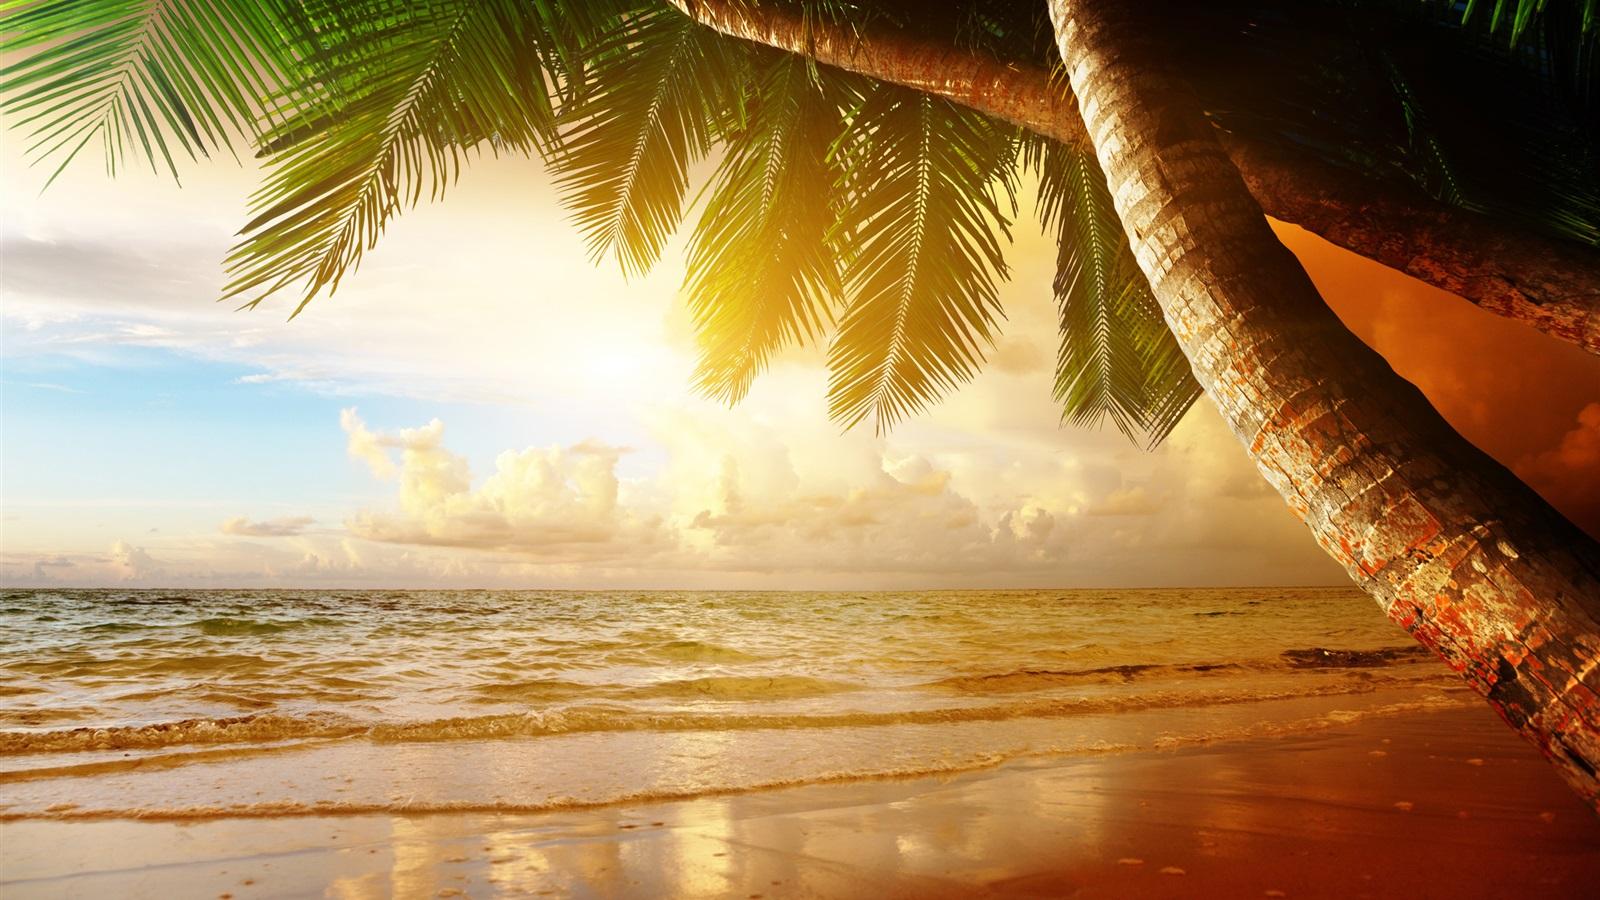 hintergrundbilder beschreibung tropische landschaft - photo #20